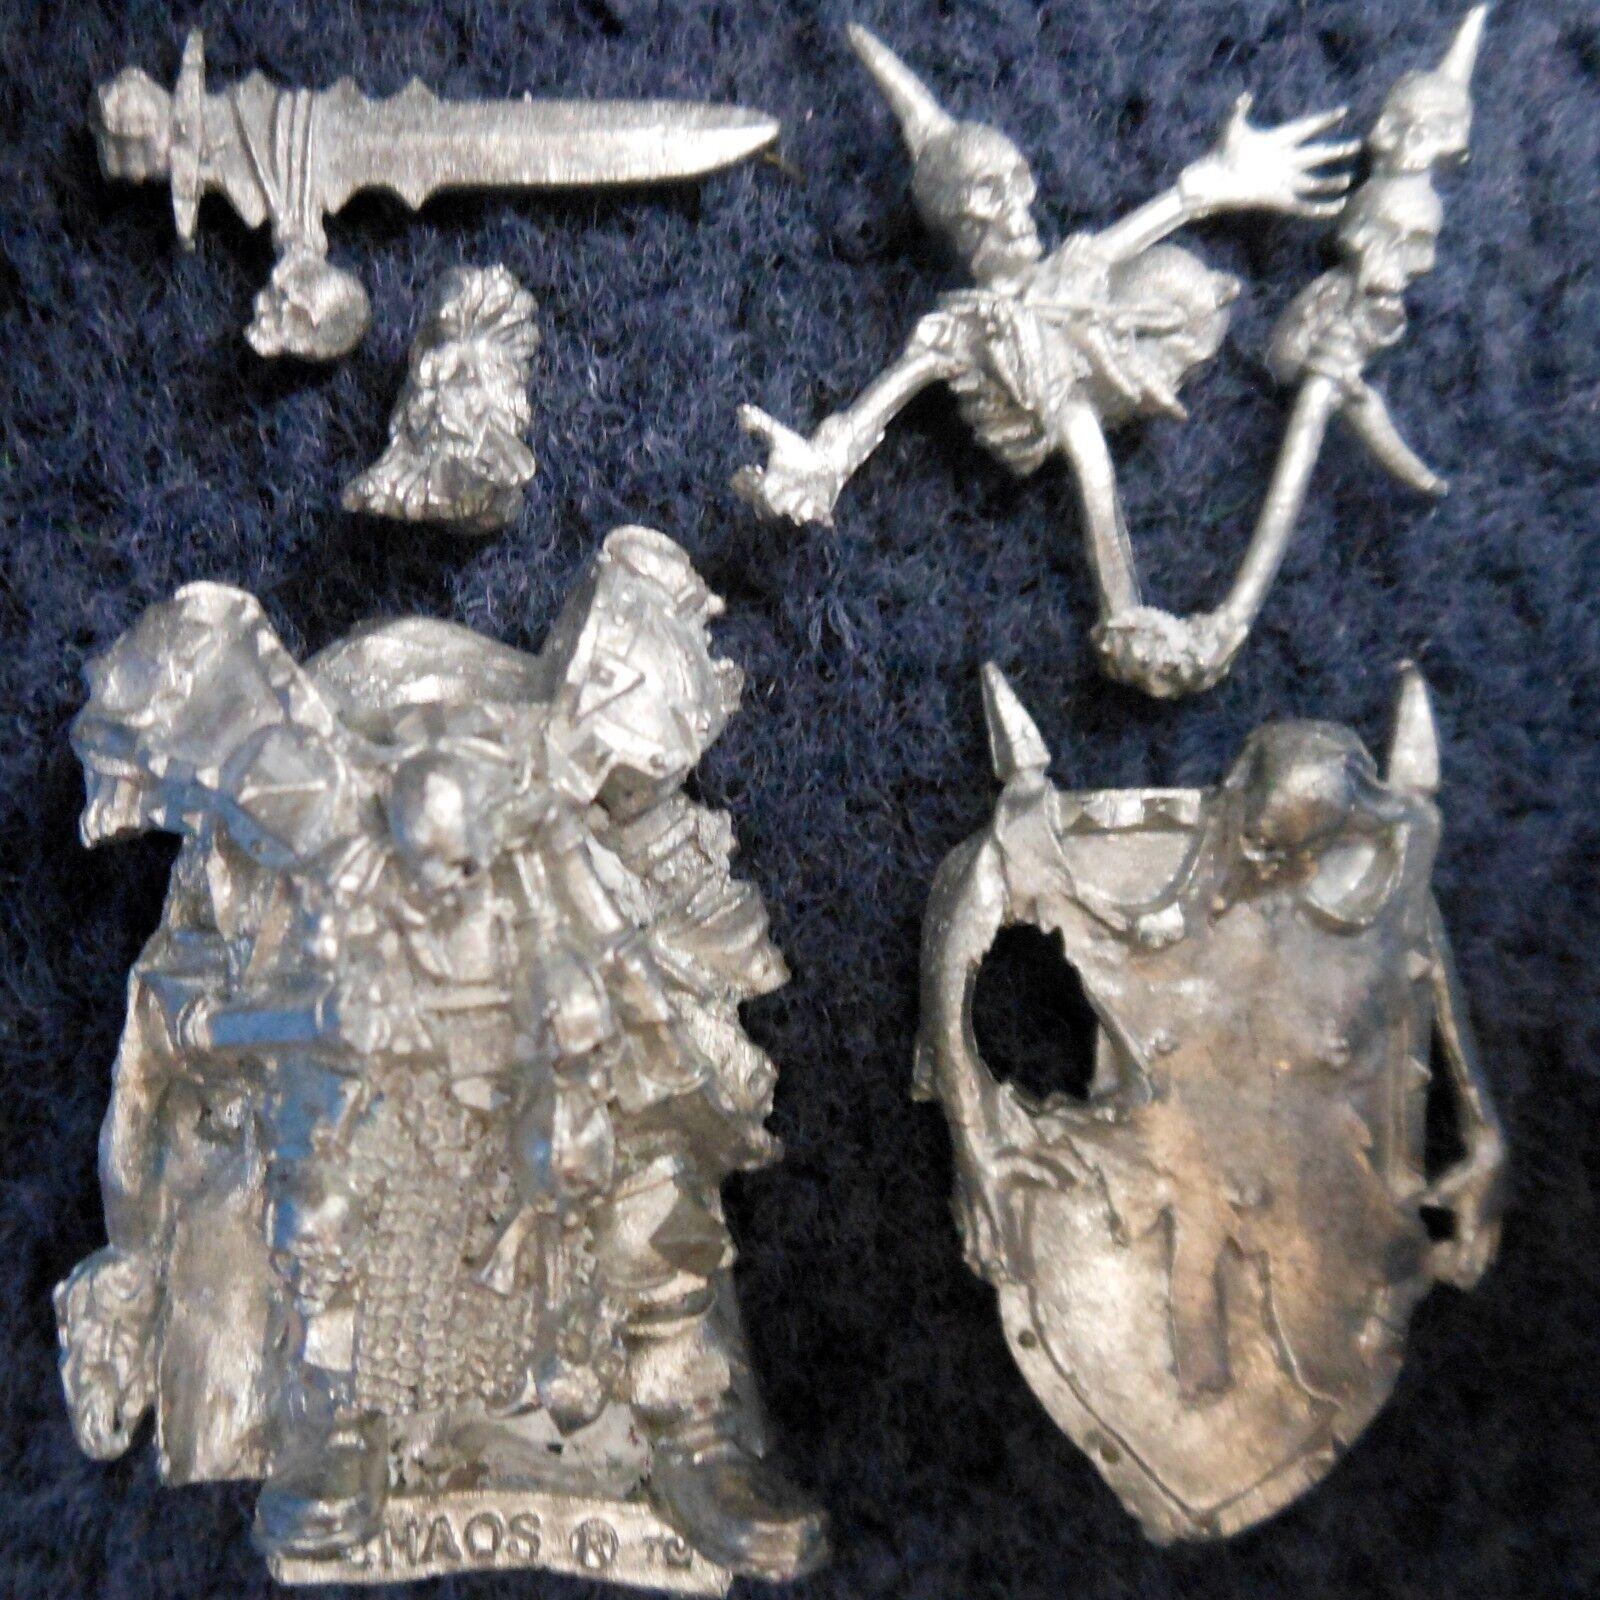 2007 chaos wulfrik der wanderer zitadelle warhammer lord champion nordischen krieger gw